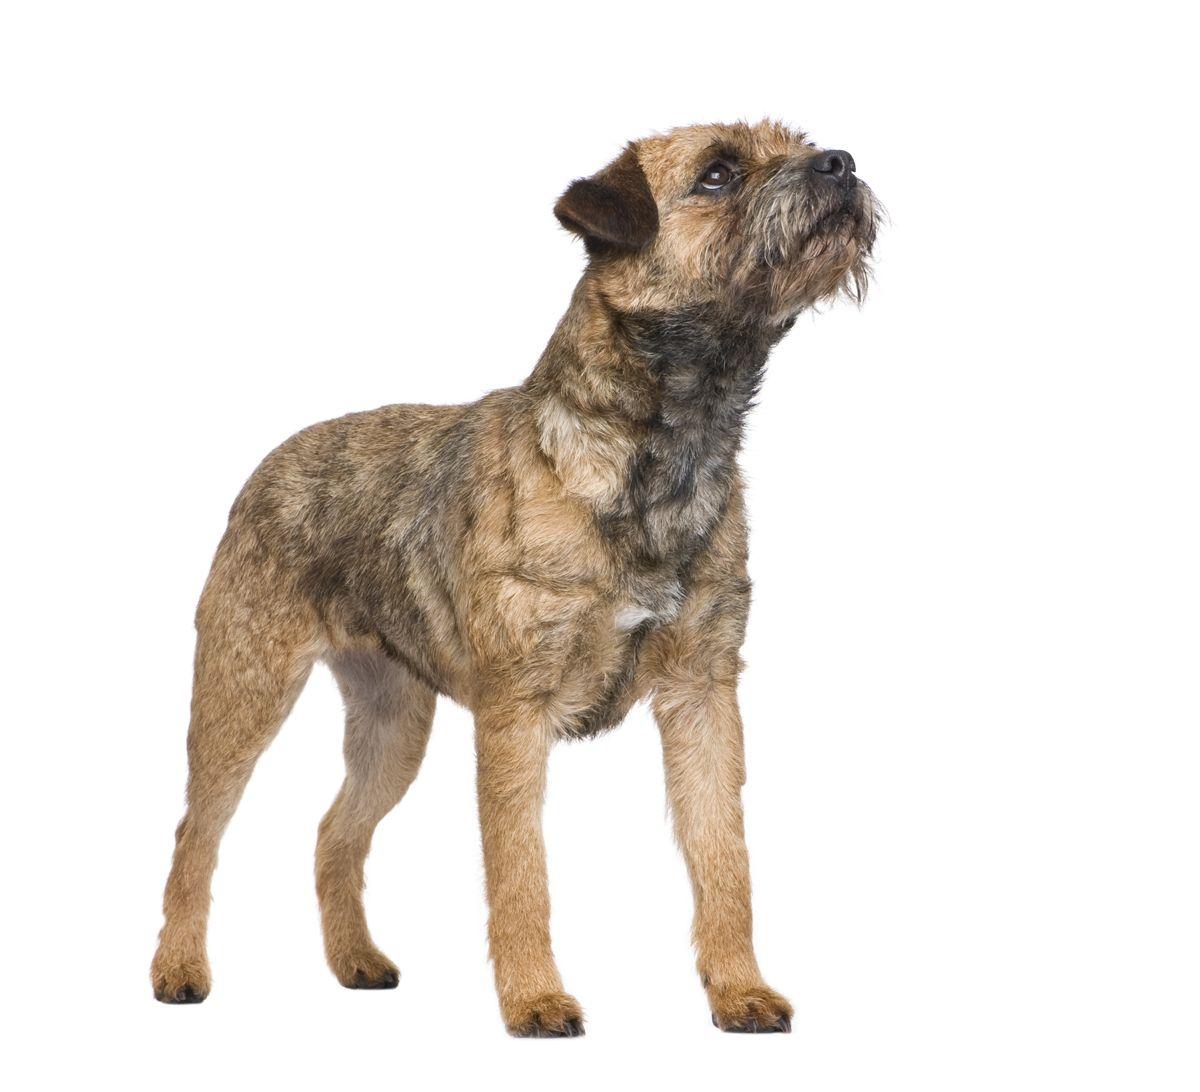 Während einer PGSD-Episode kann ein Hund leer in den Raum starren, ist dabei aber immer noch ansprechbar.